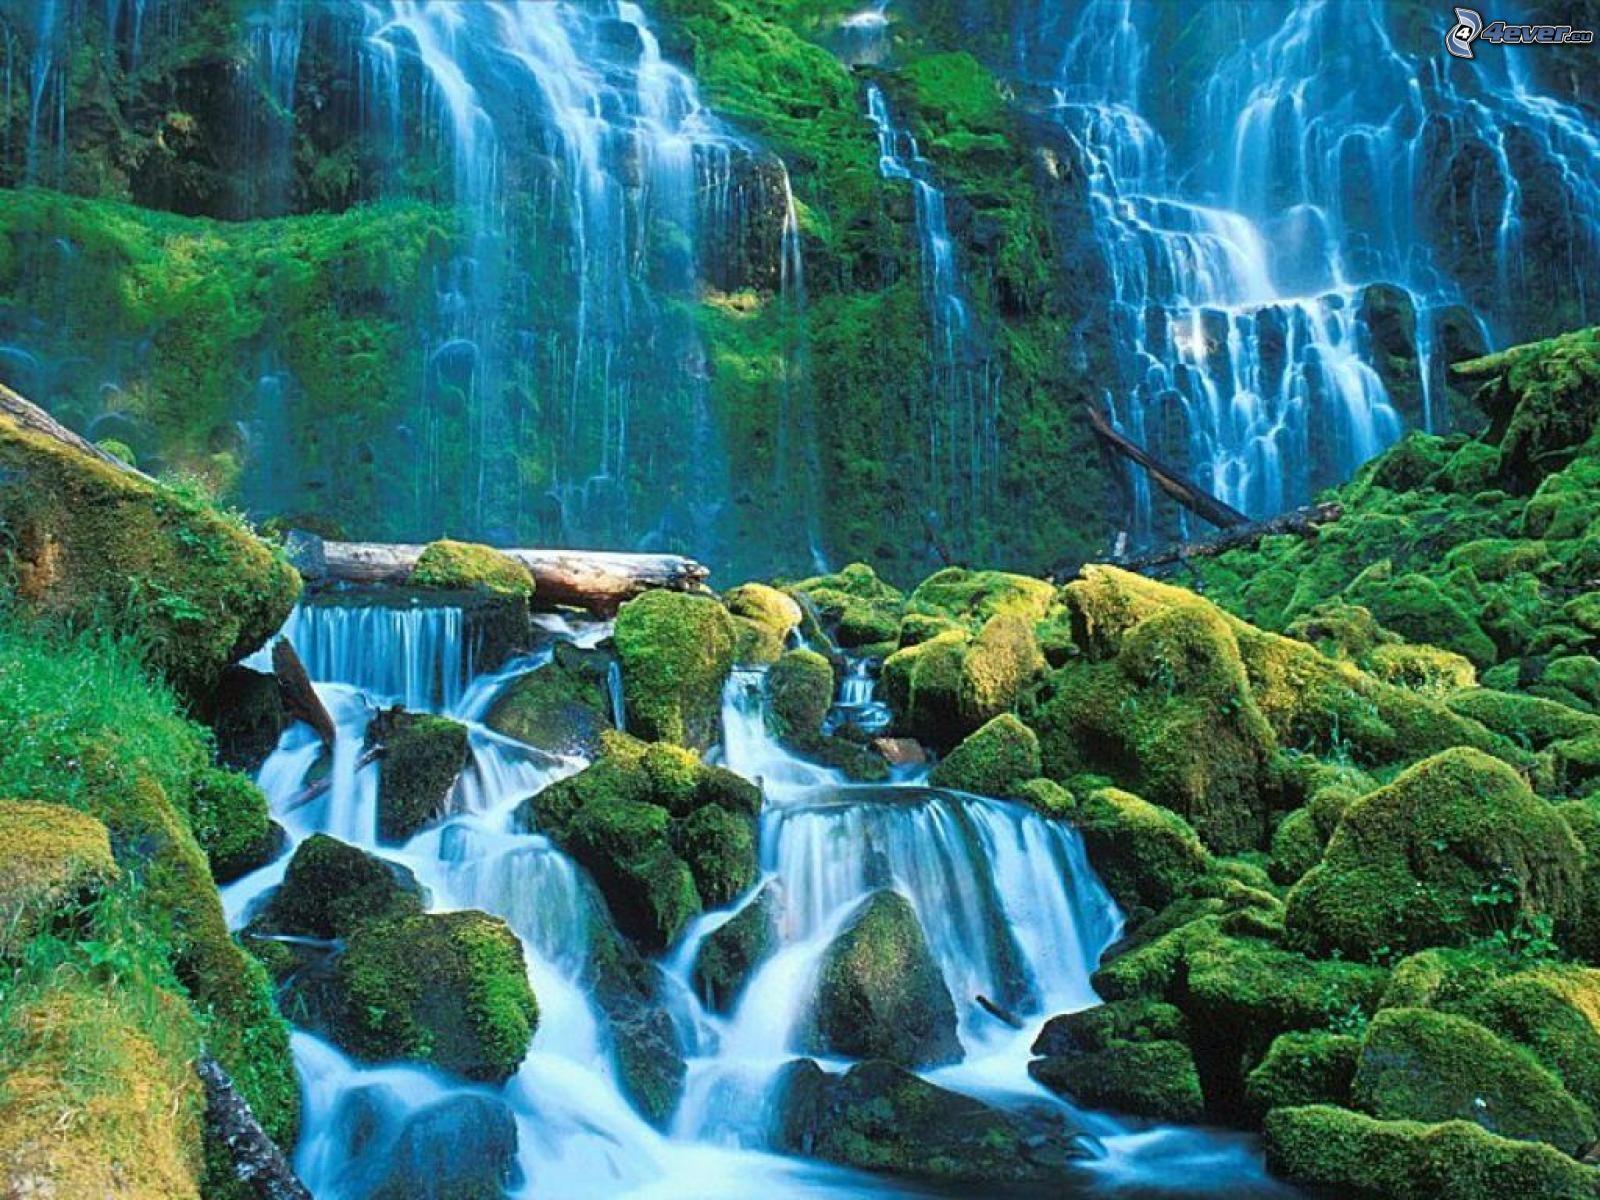 Vodopadi - Page 6 Vodopady,-dzungla-126239